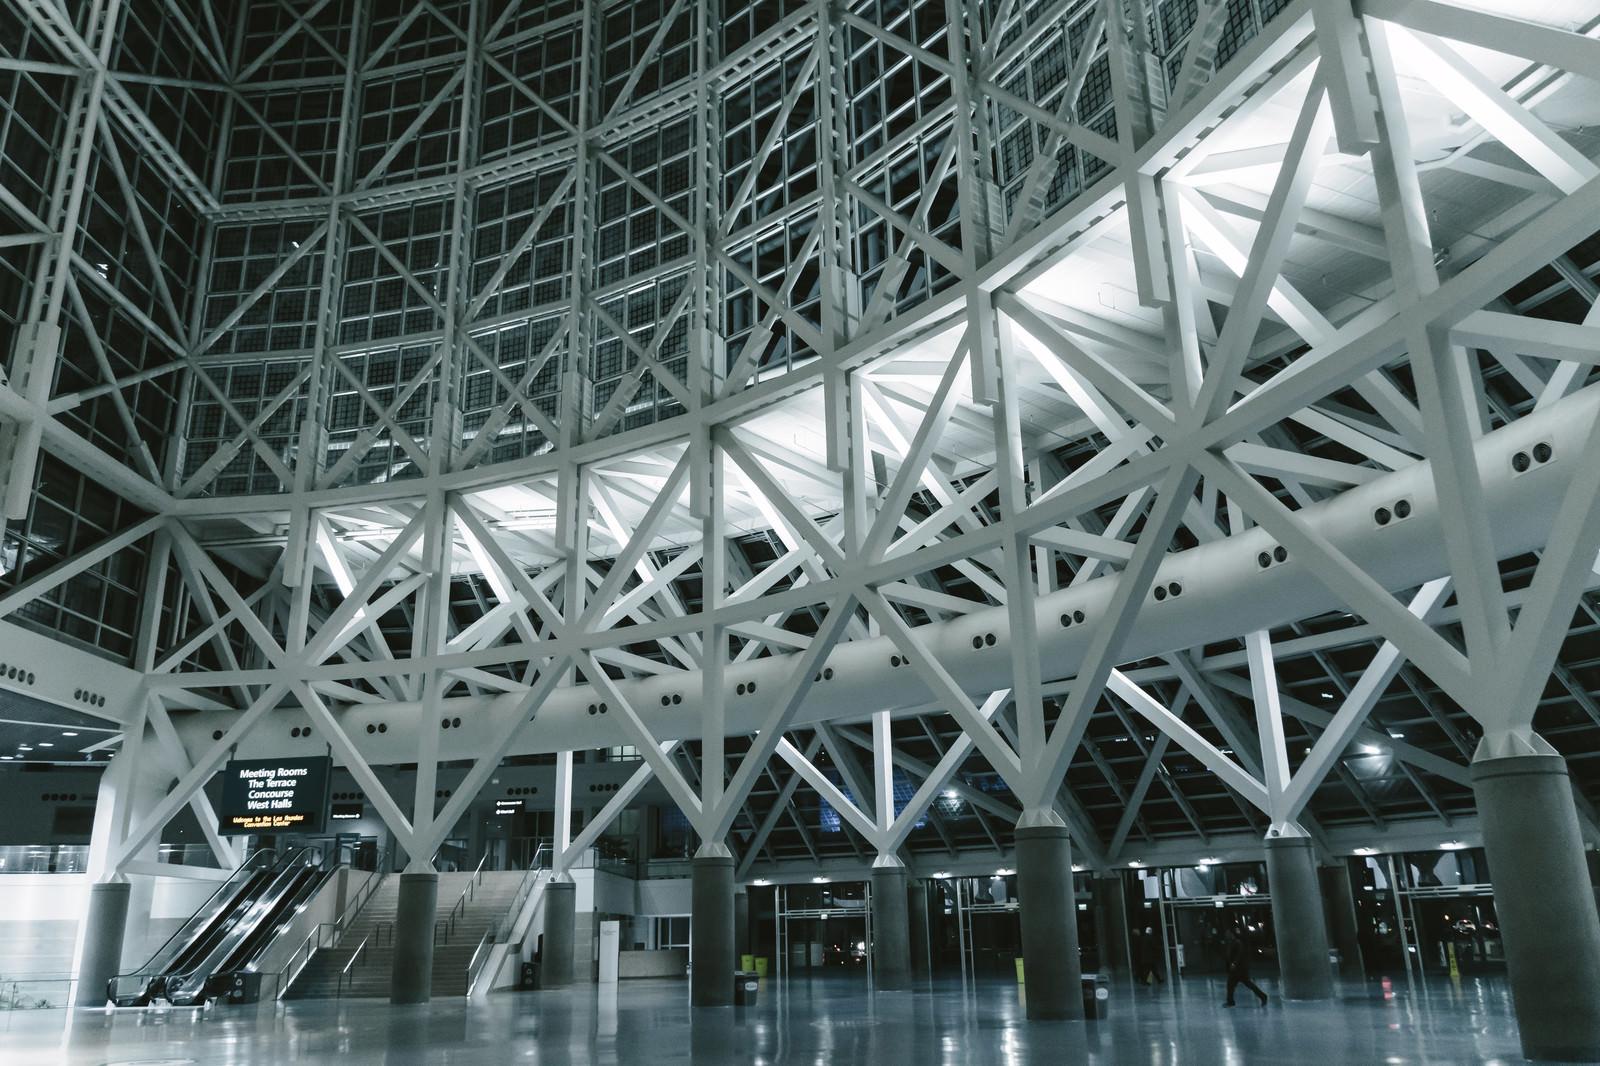 「ロサンゼルス・コンベンション・センター内 | 写真の無料素材・フリー素材 - ぱくたそ」の写真